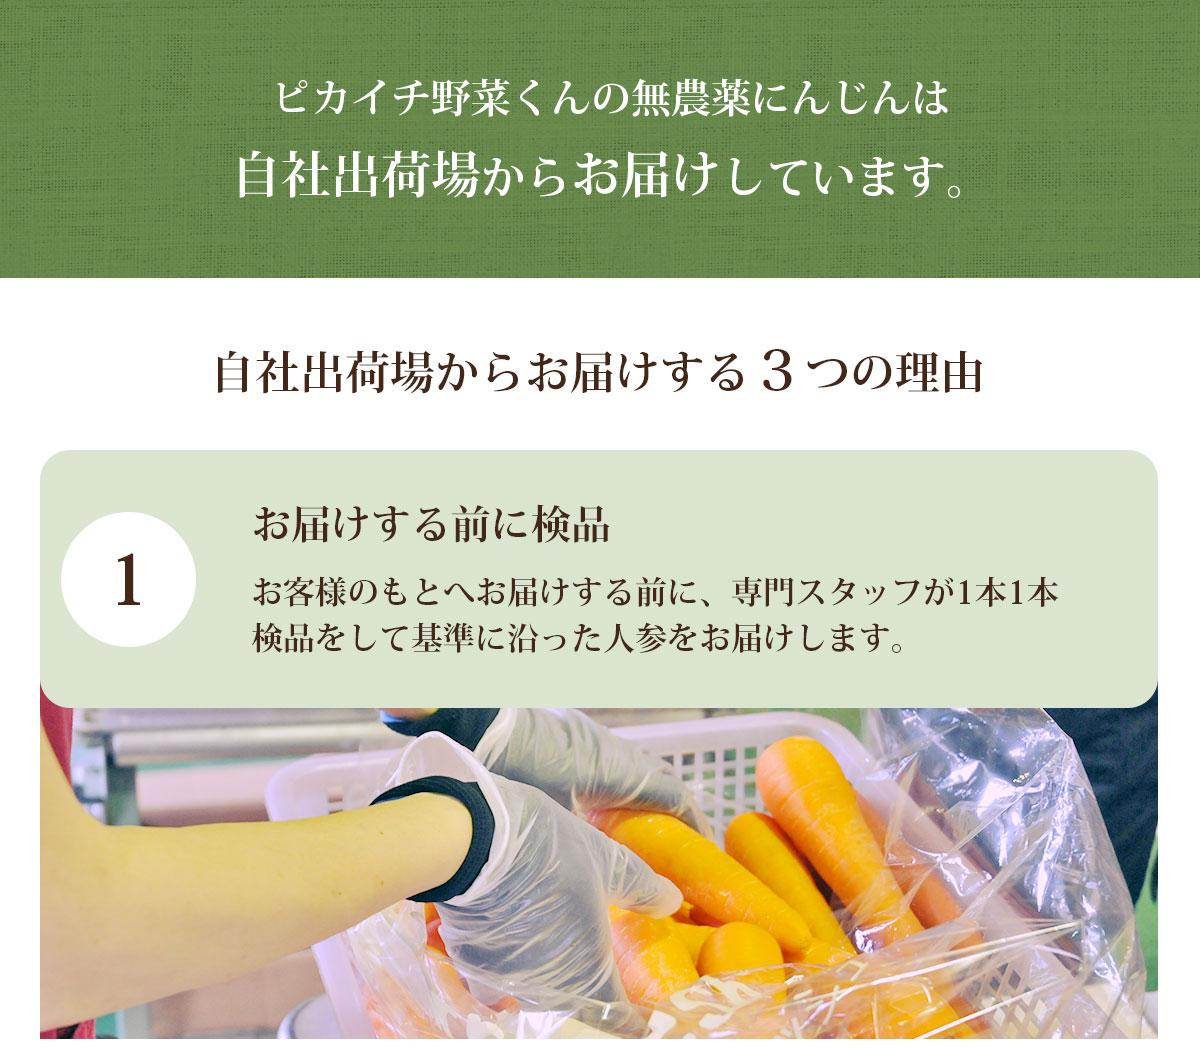 正品 無農薬人参 5kg A品 ギフト用 ジュース用 農薬・化学肥料不使用栽培 ゲルソン療法